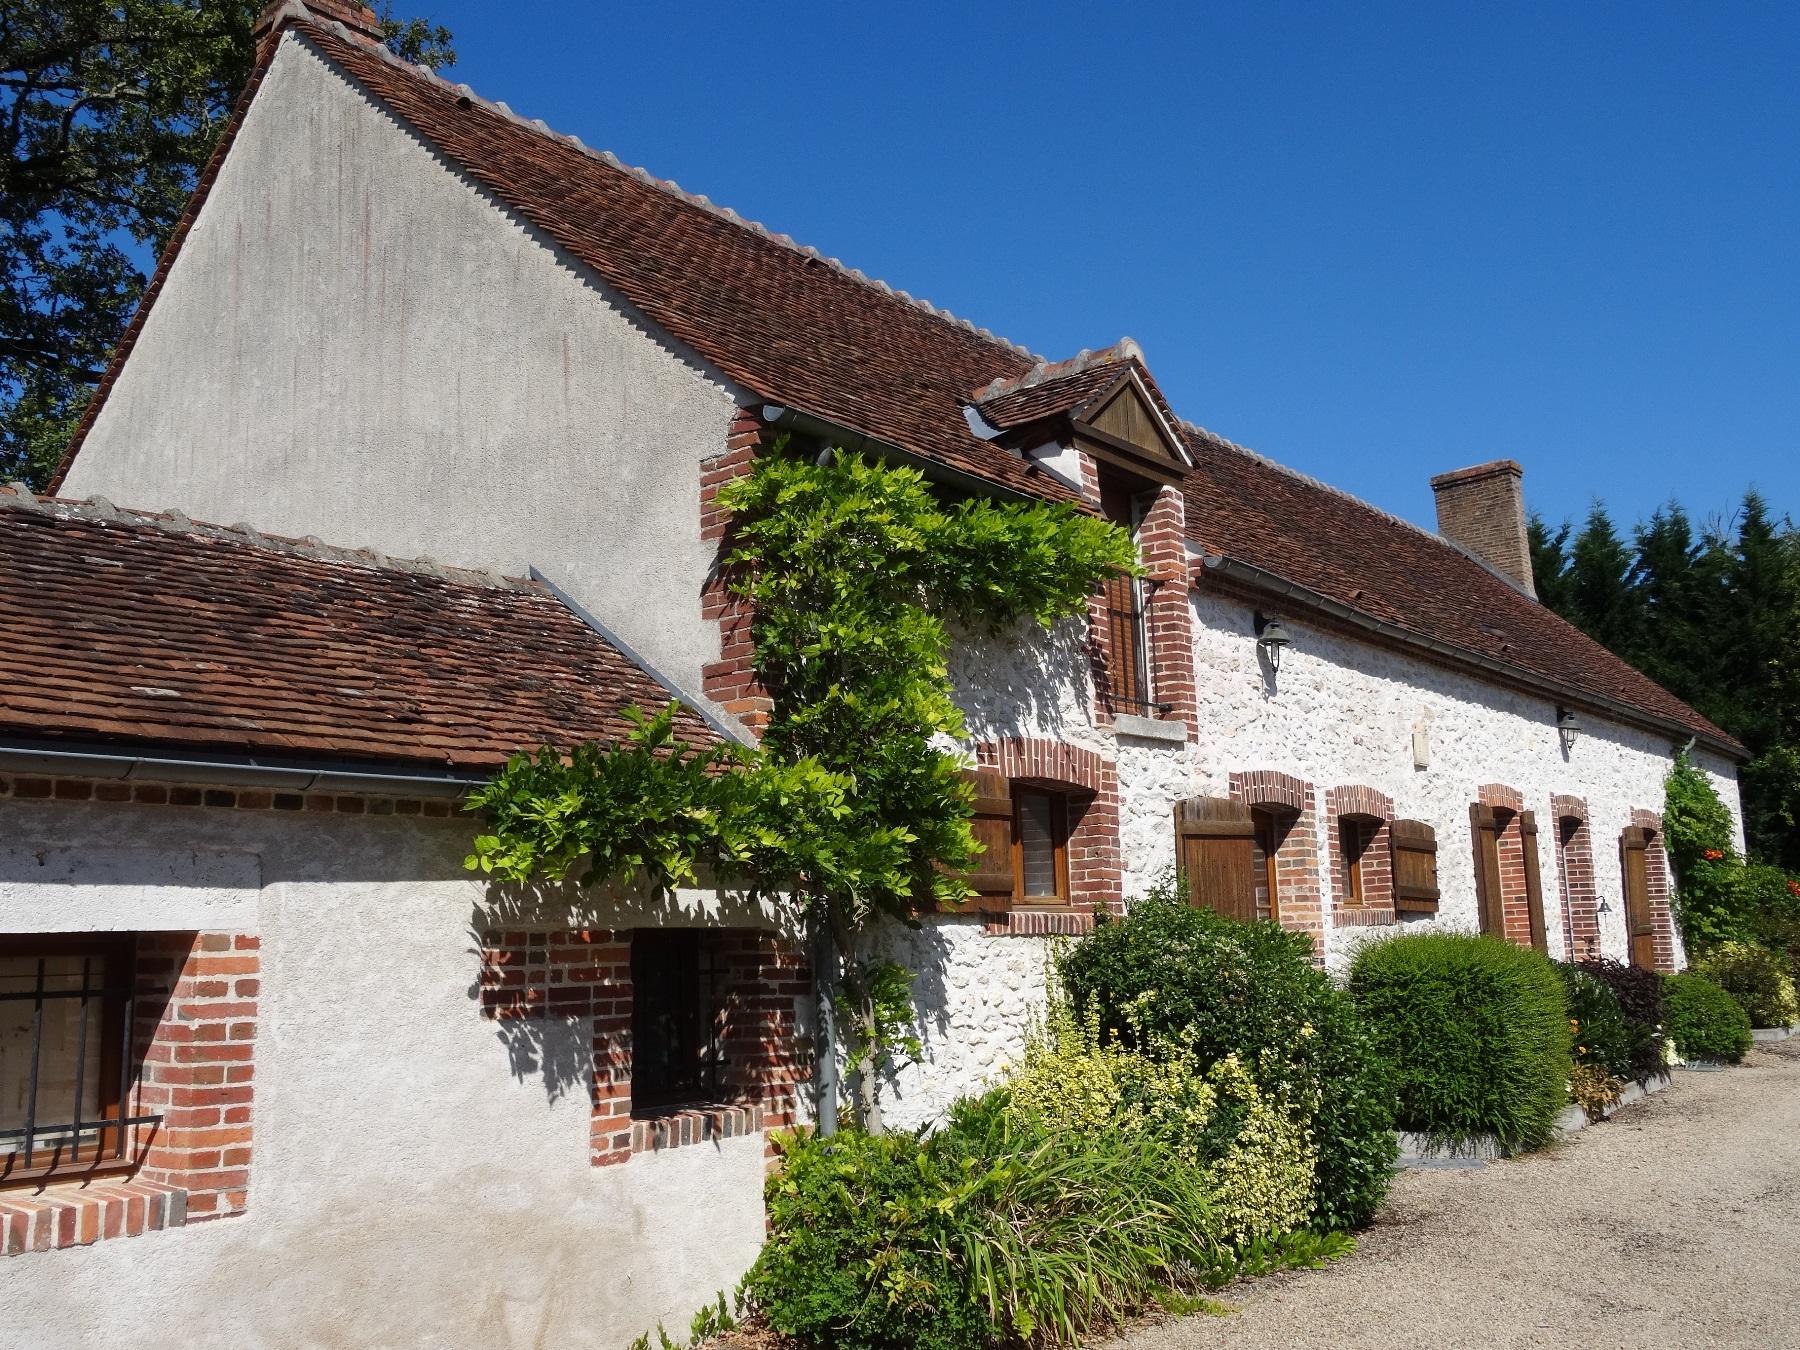 Casa Unifamiliar por un Venta en Propriété de Chasse et Equestre Other Centre, Centro Francia